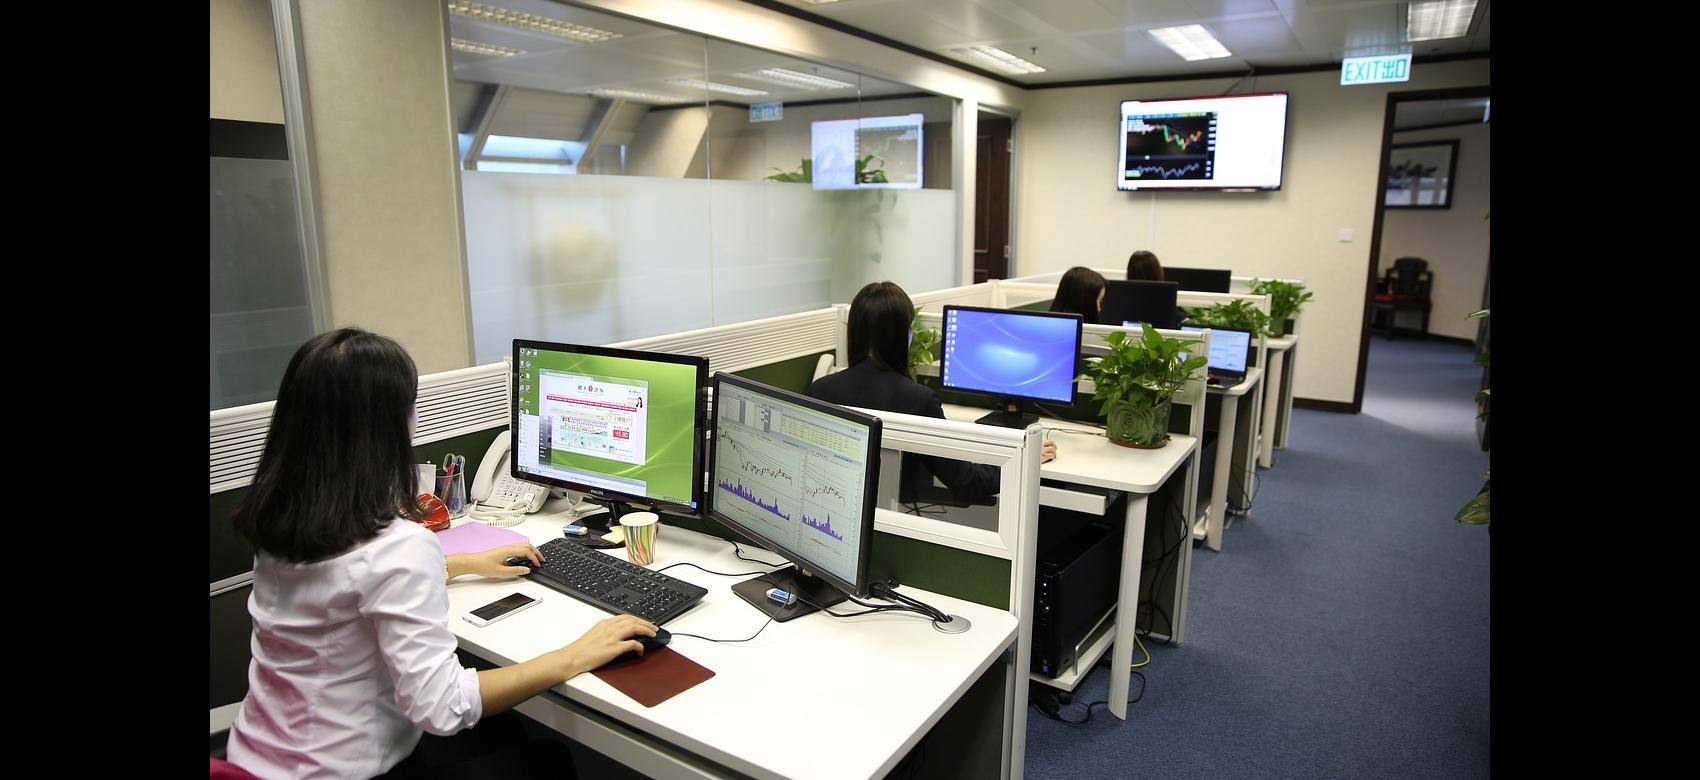 Imagen de personas en una oficina